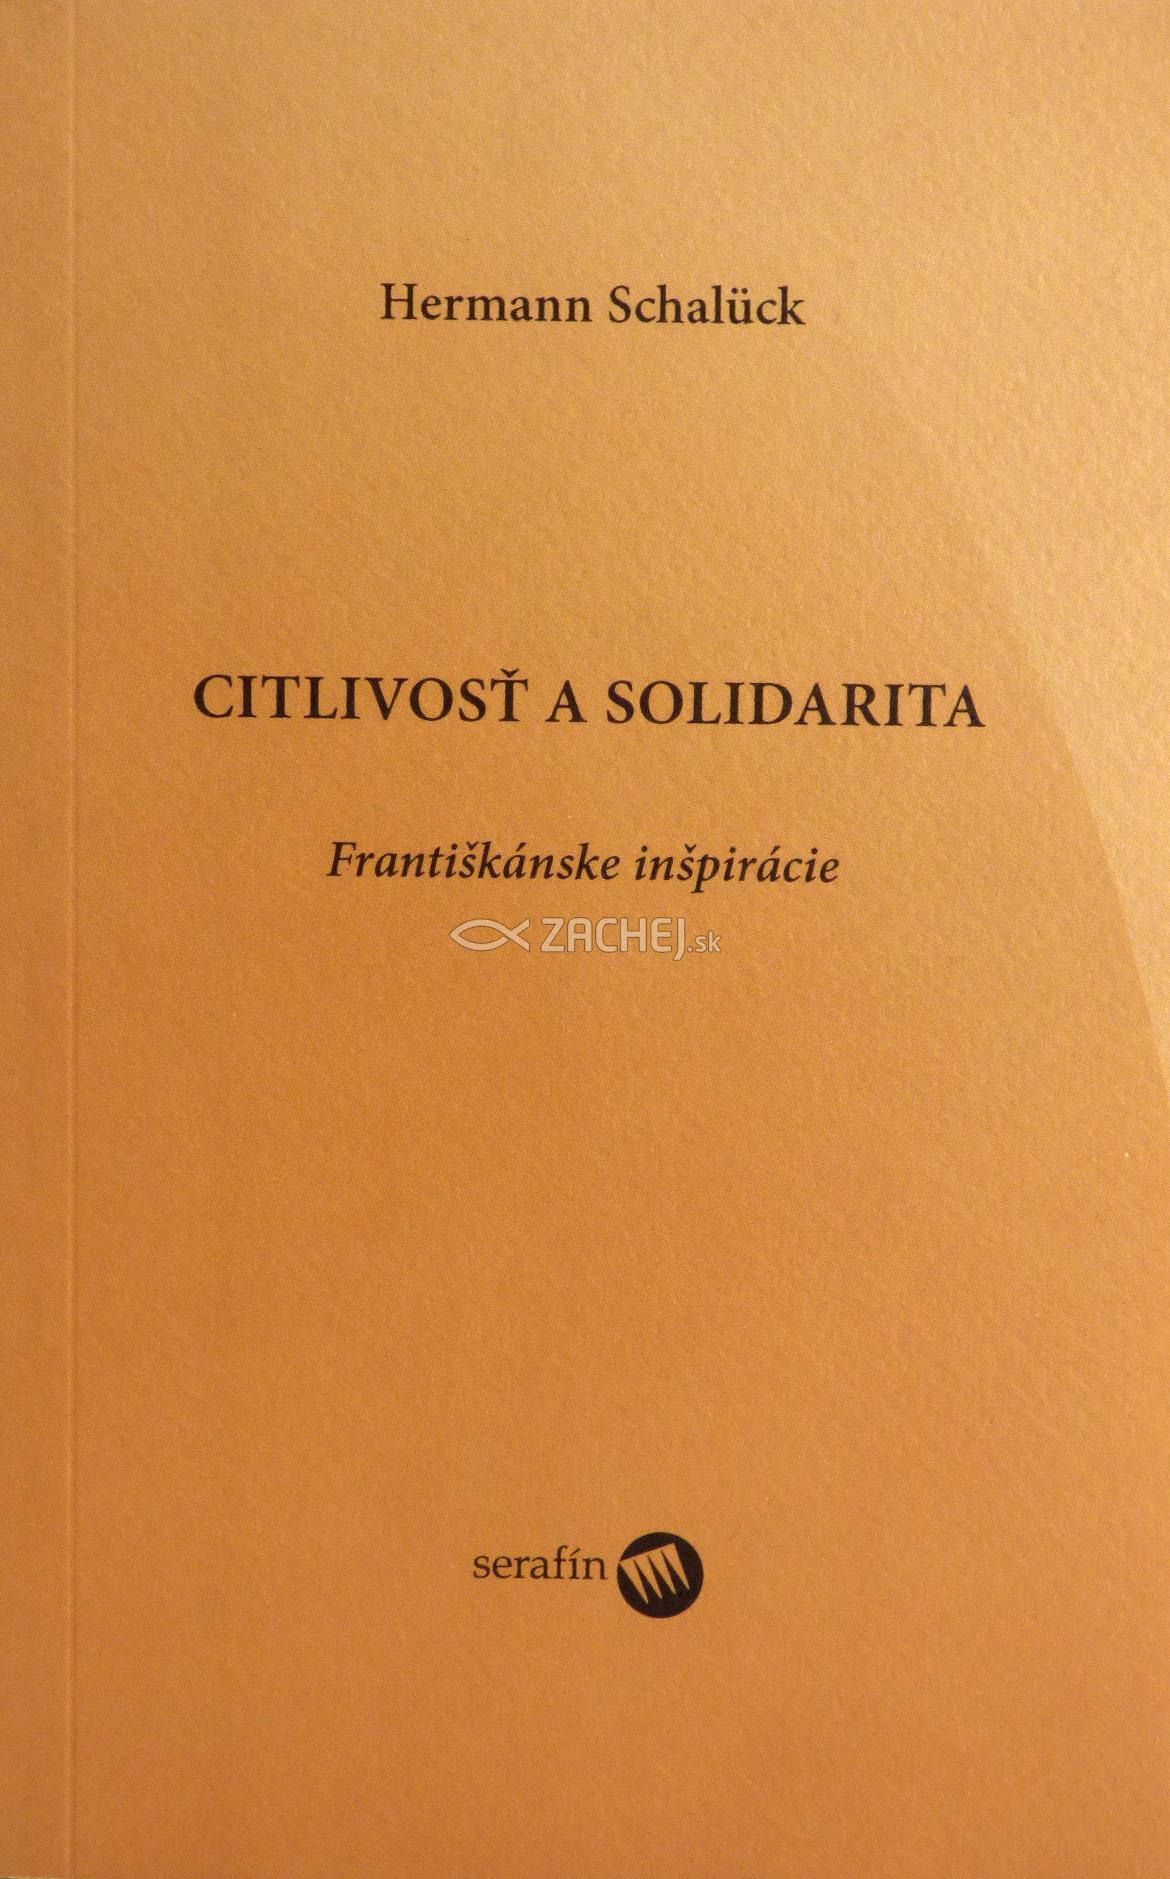 Citlivosť a solidarita - Františkánske inšpirácie